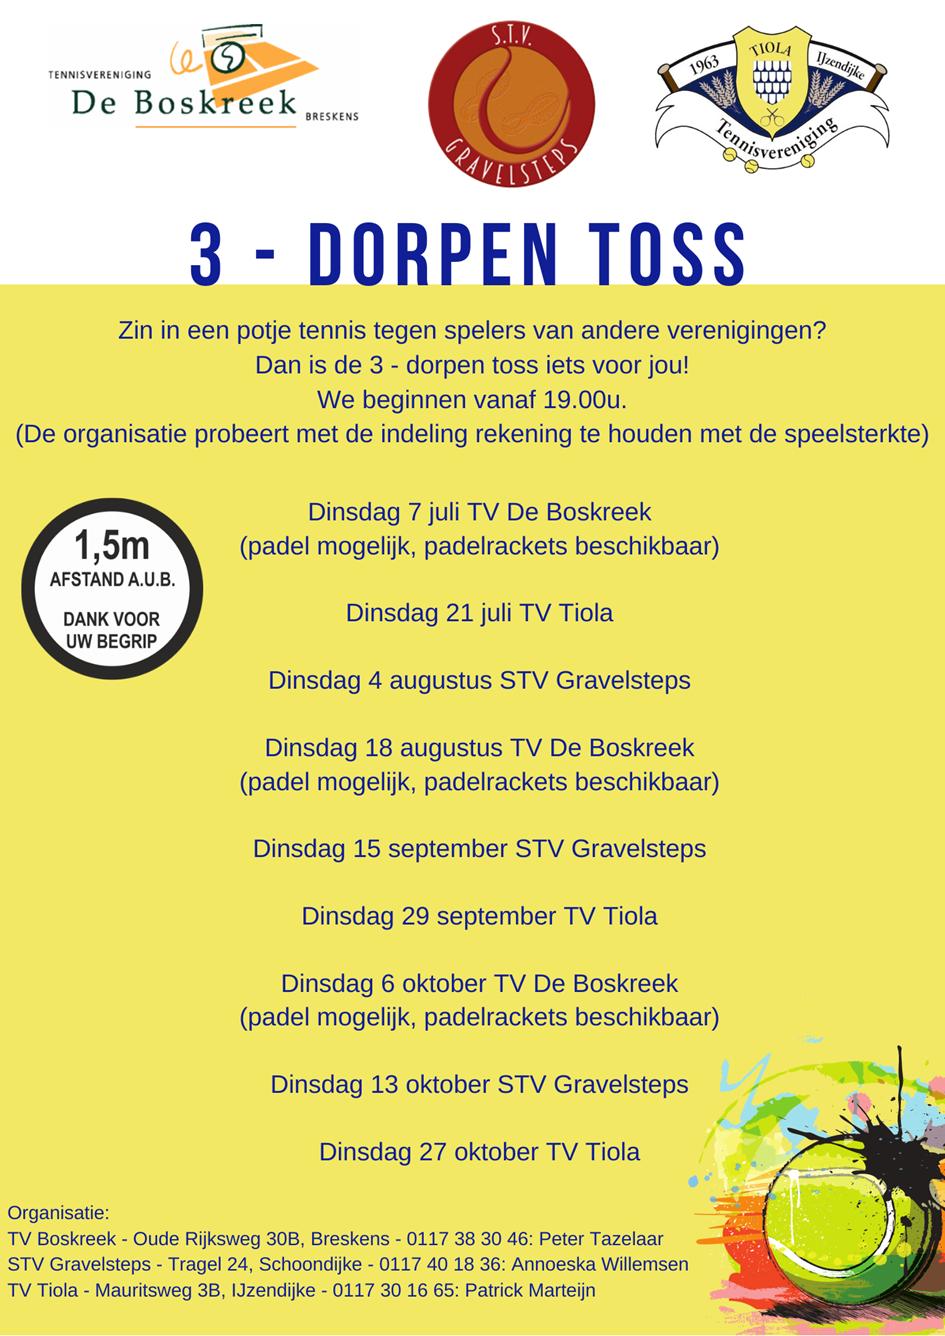 3dorpen toss 29-06-2020.png